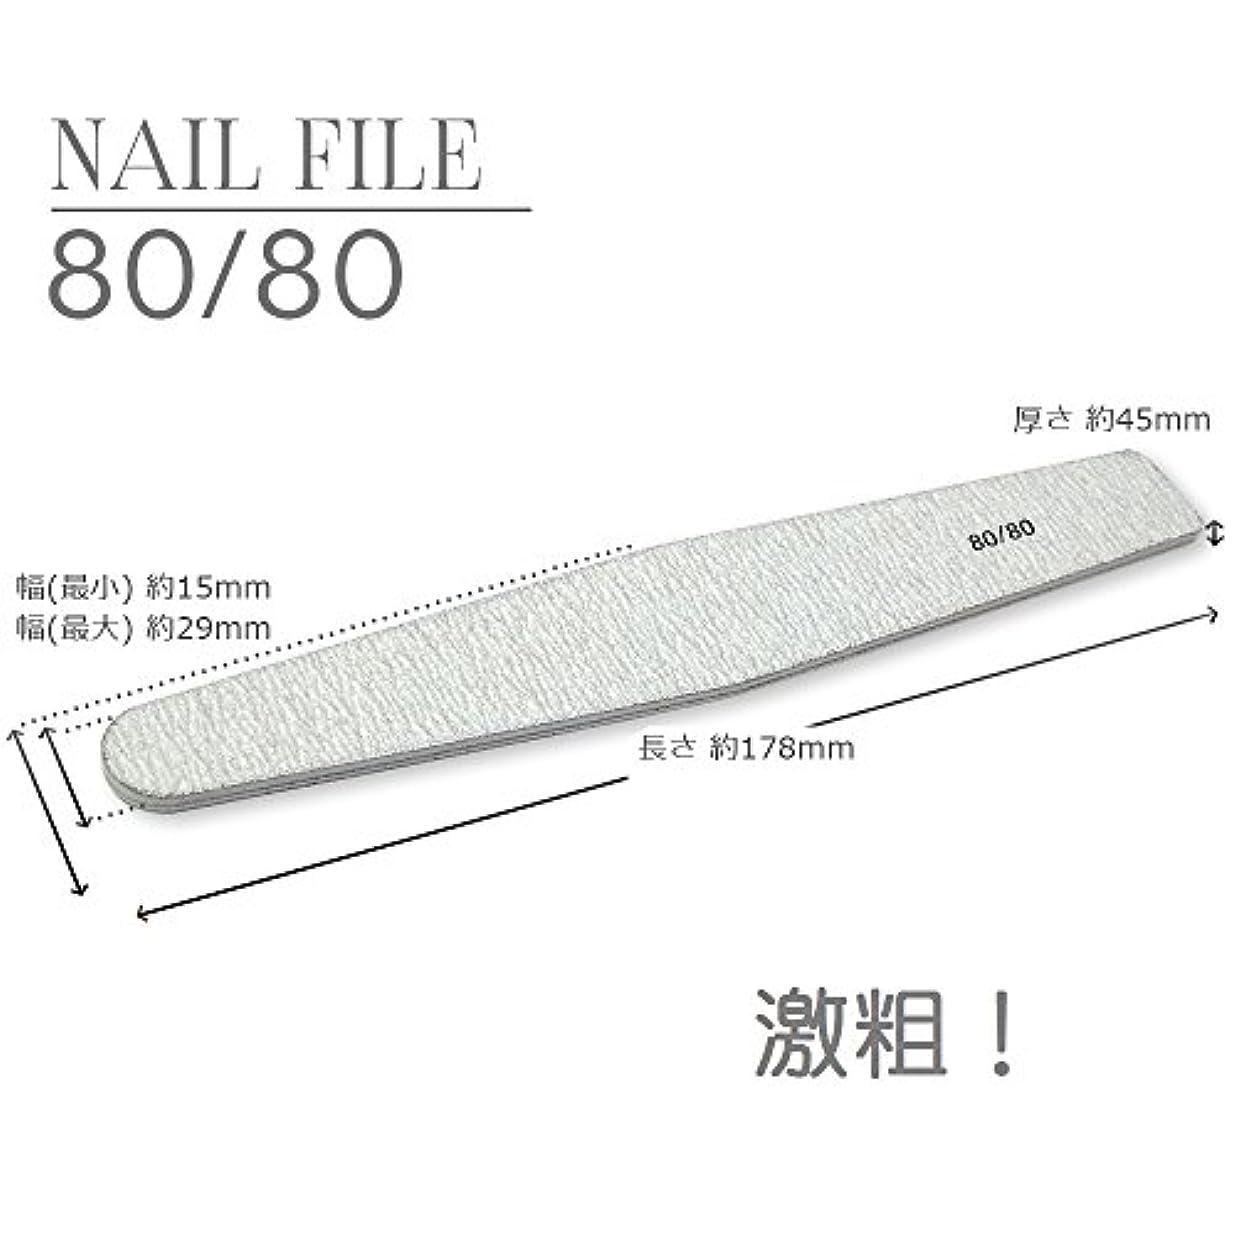 正当化するロック模倣ネイルファイル【80/80】激粗 1本 ★ガリガリ削れます!